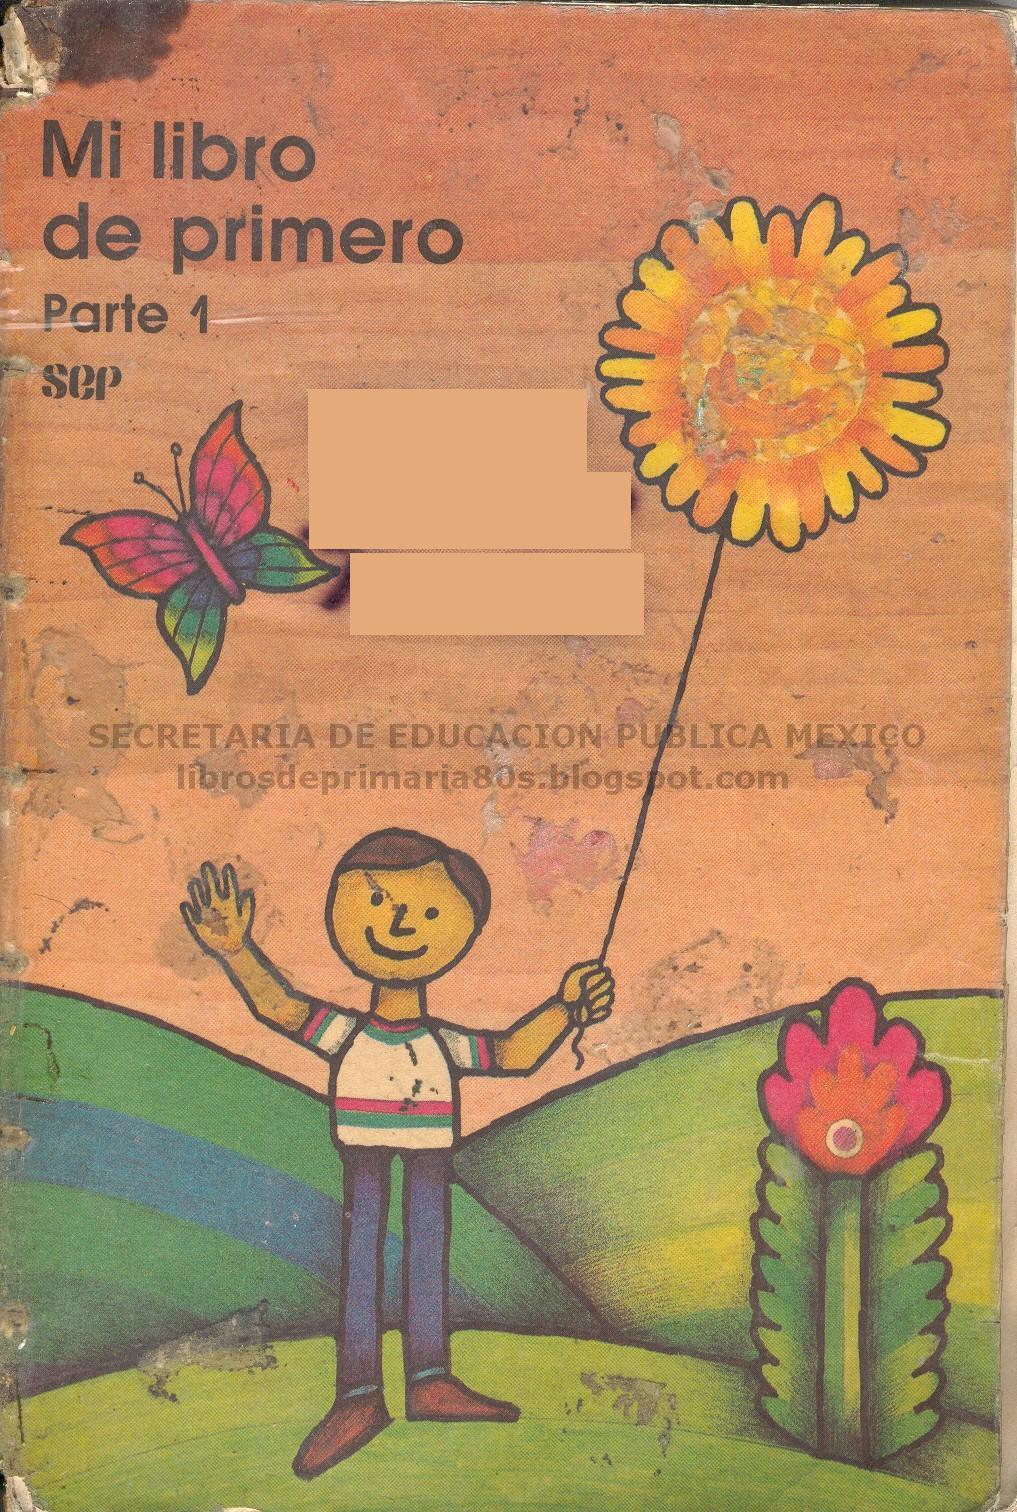 Libros de Primaria de los 80's: Mi libro de primero (1/3)